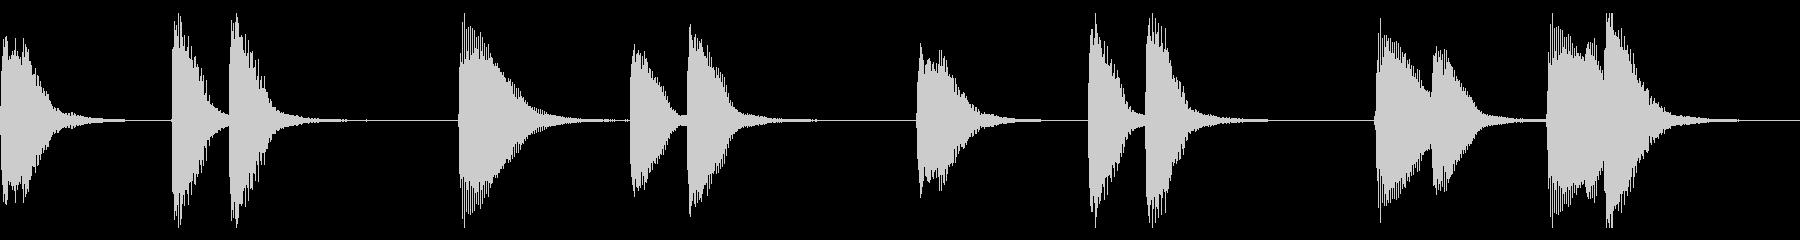 おドジなピアノBGMの未再生の波形